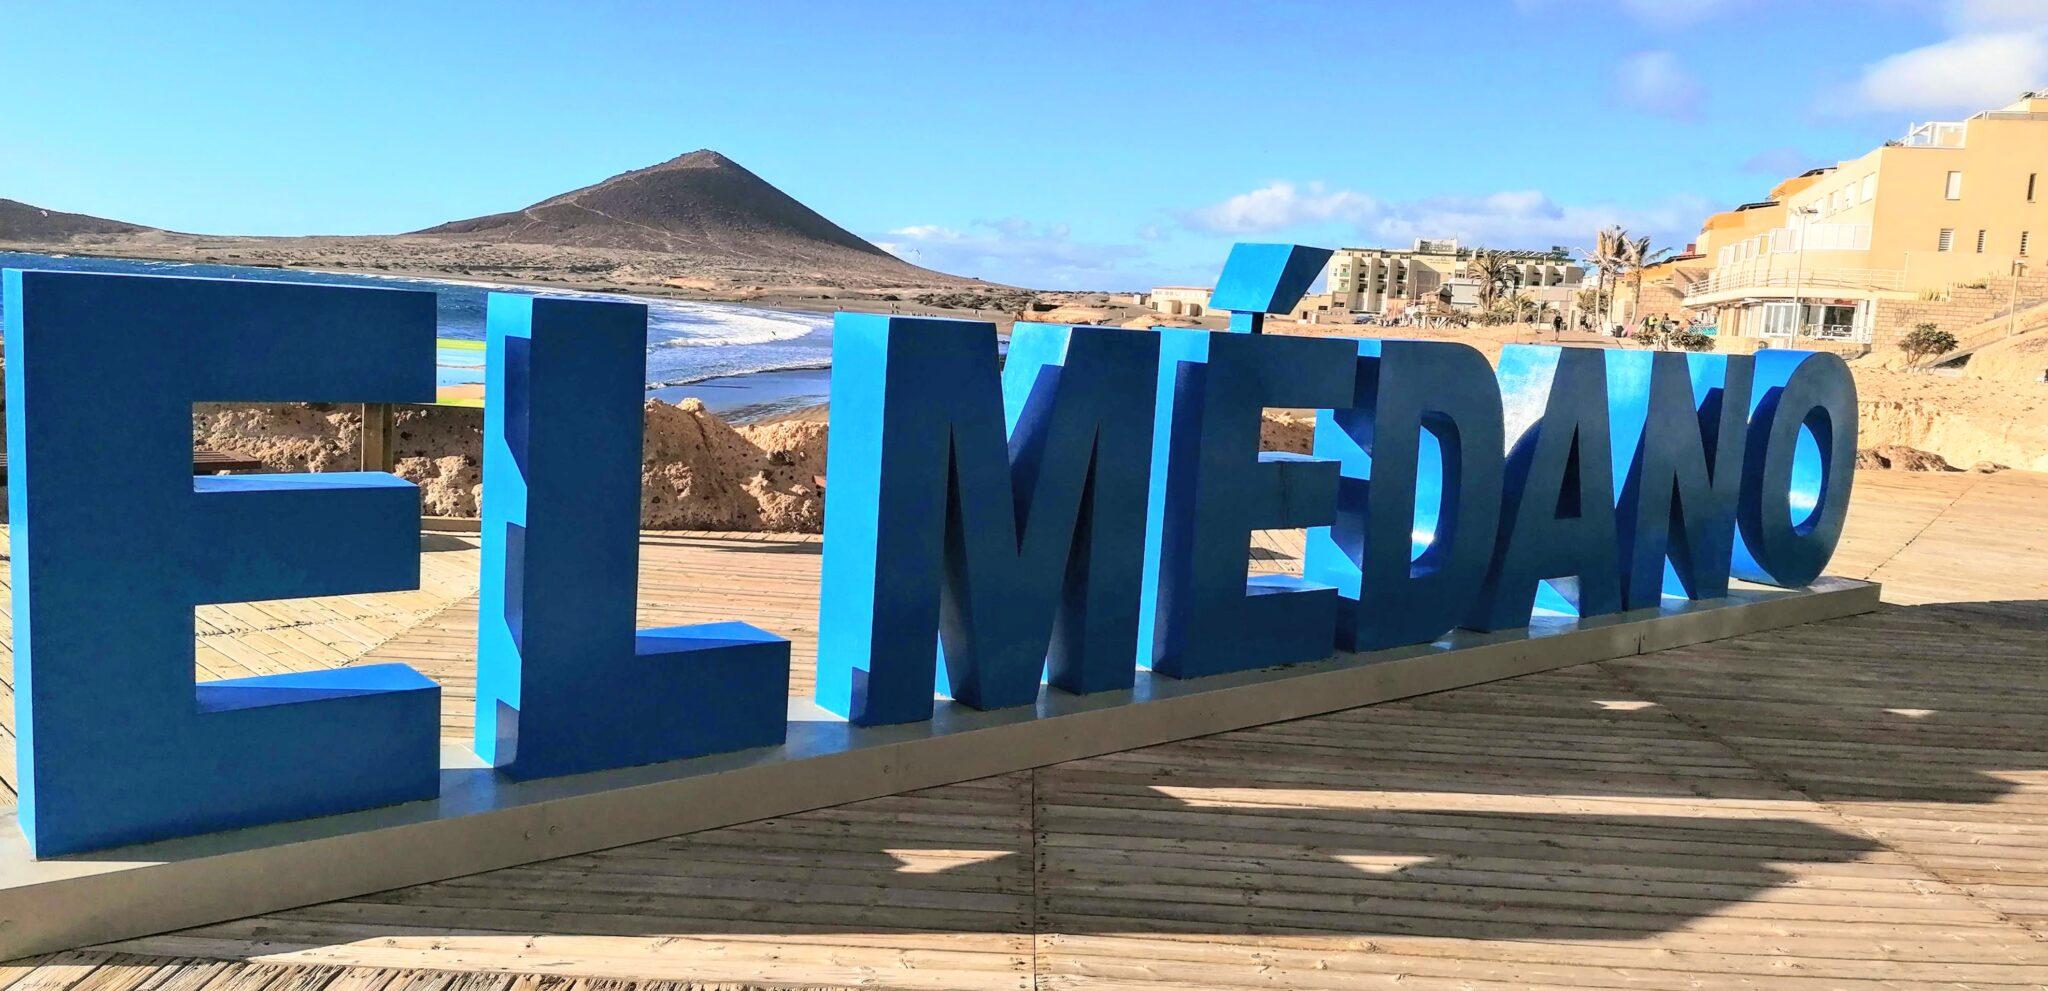 El Medano Hotel Playa Sur Tenerife